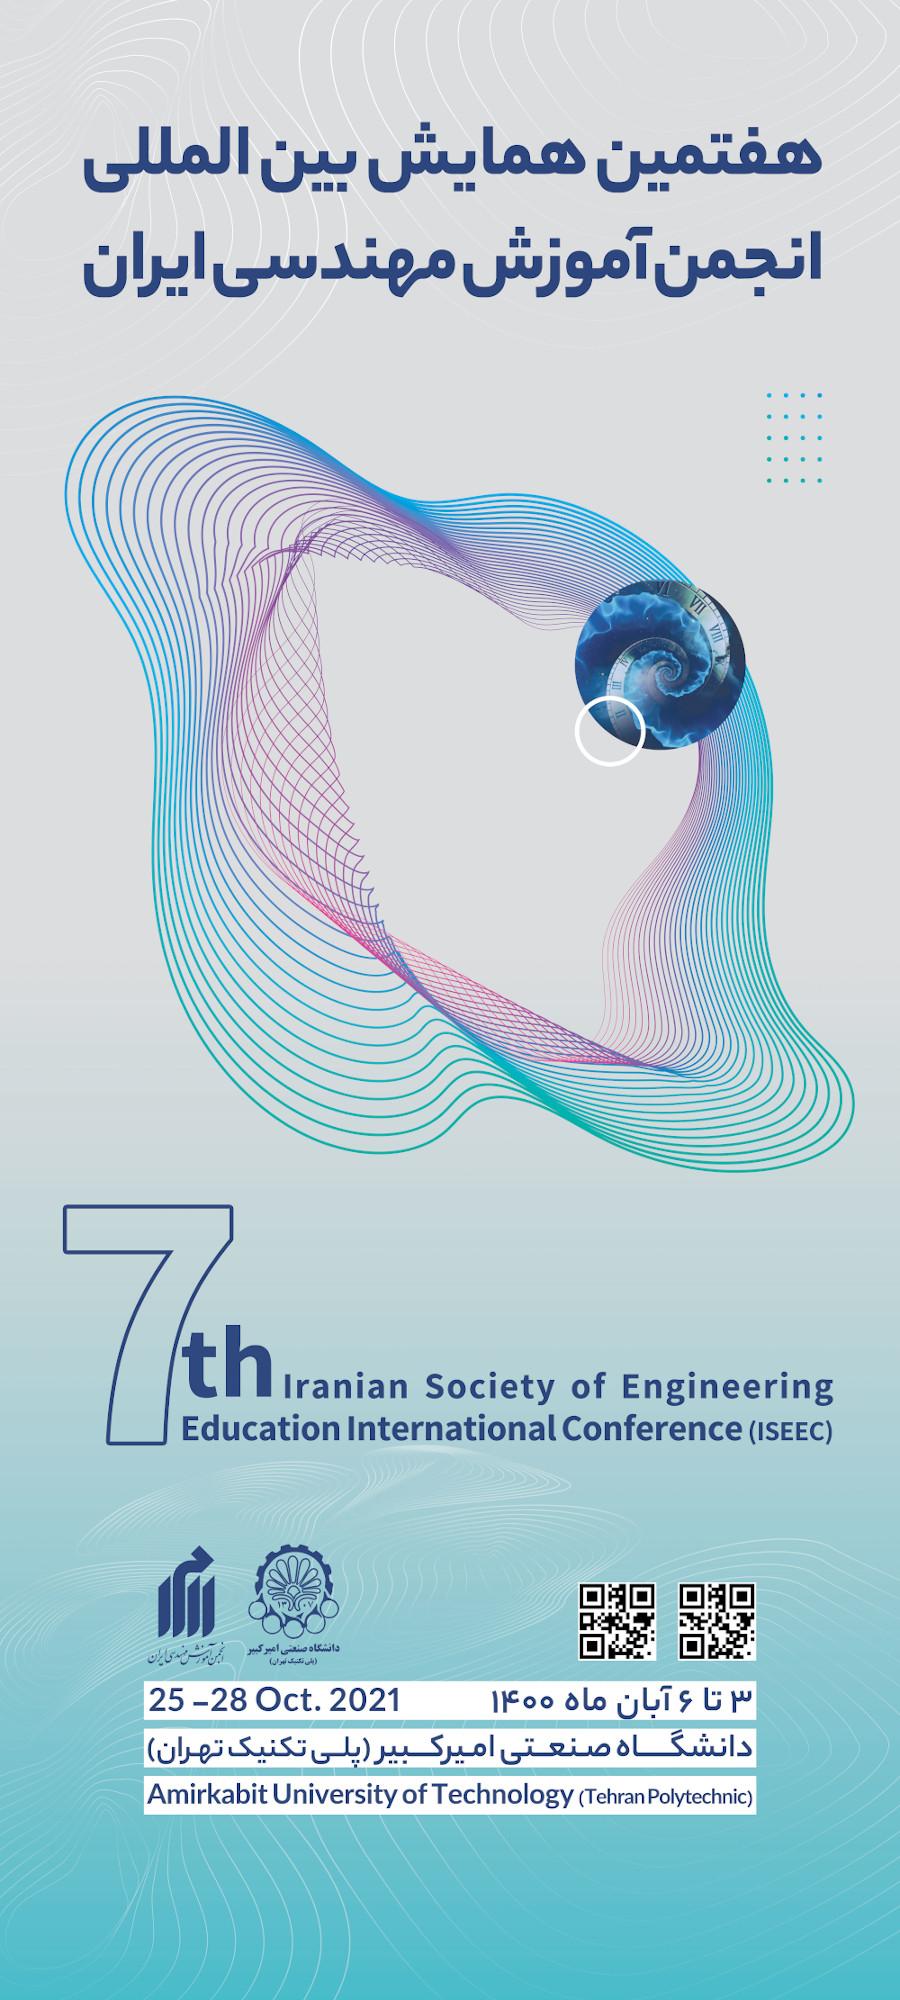 هفتمین کنفرانس بین المللی آموزش مهندسی ایران